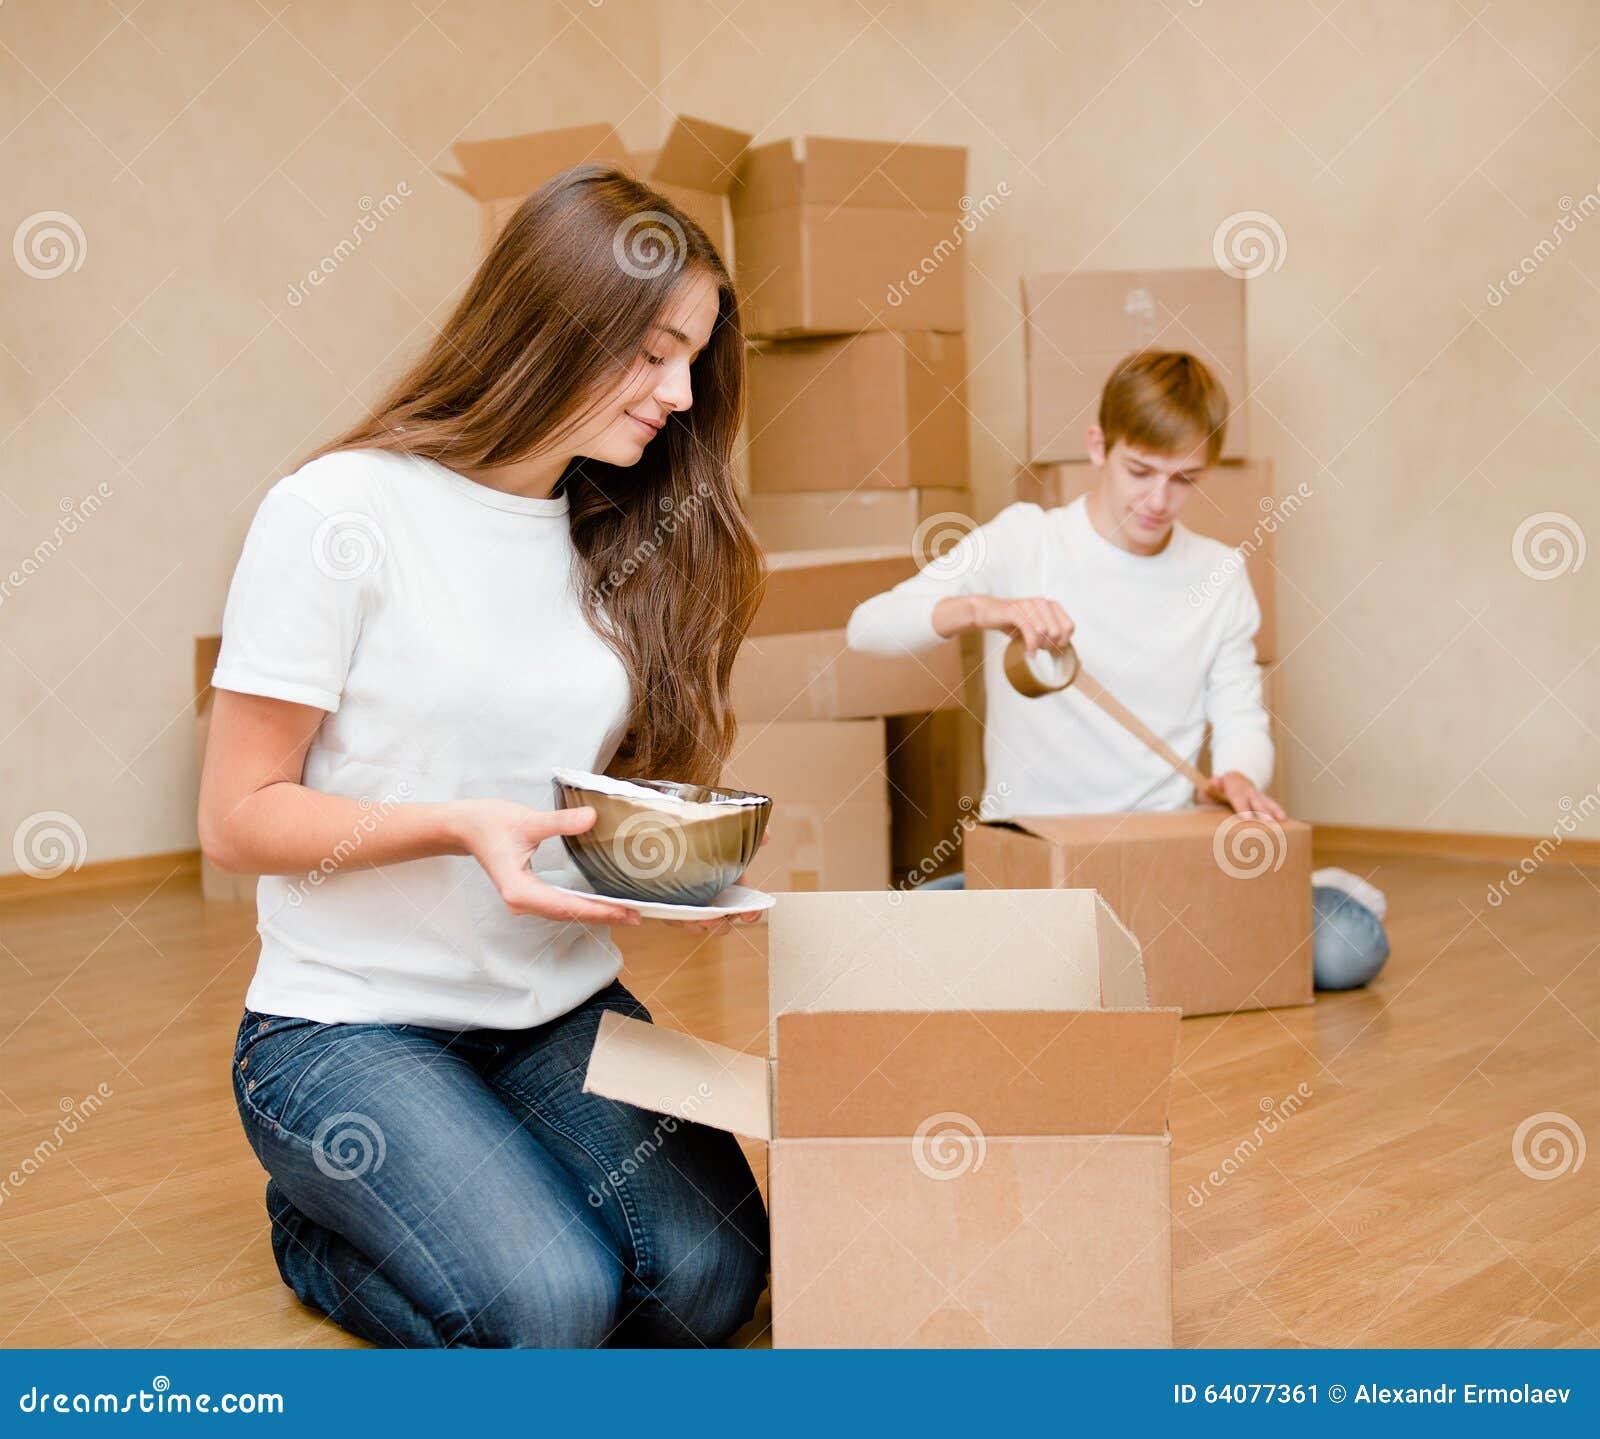 Junges Paar Setzt Sachen In Pappschachteln Für Das Bewegen In Ein ...